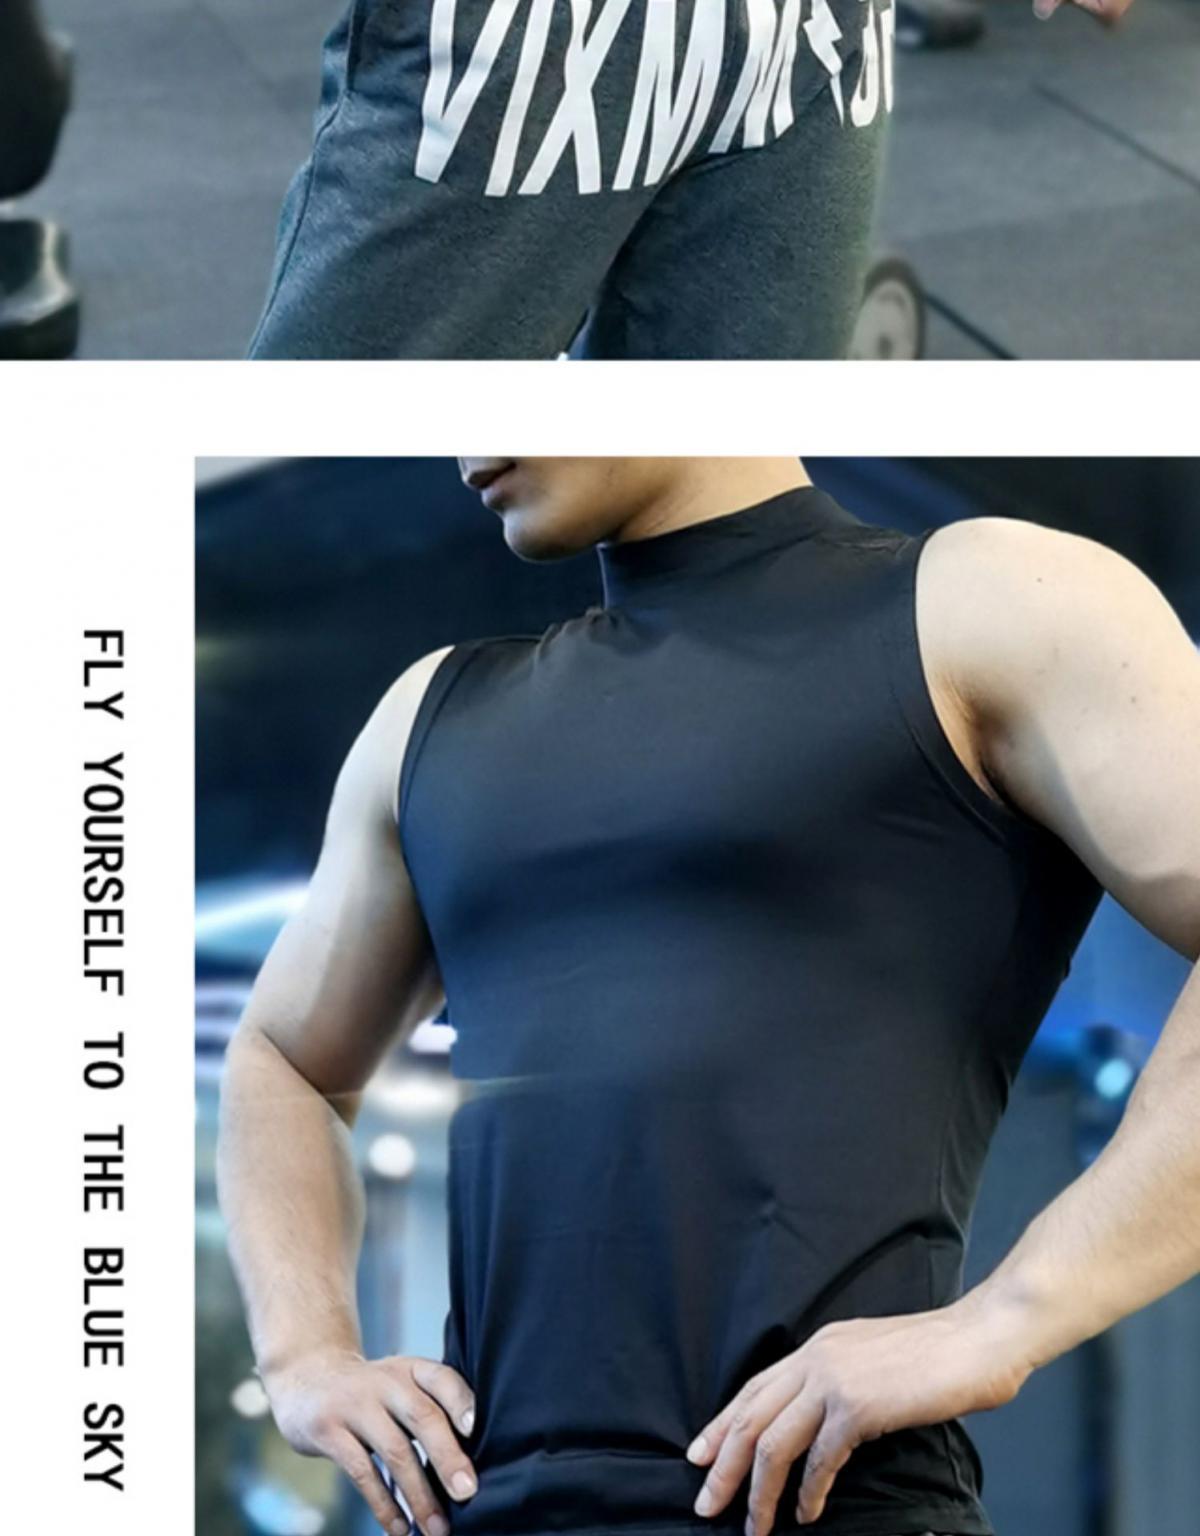 (快速出貨) 男士運動背心無袖緊身速乾運動彈力坎肩健身T恤高領訓練背心 10